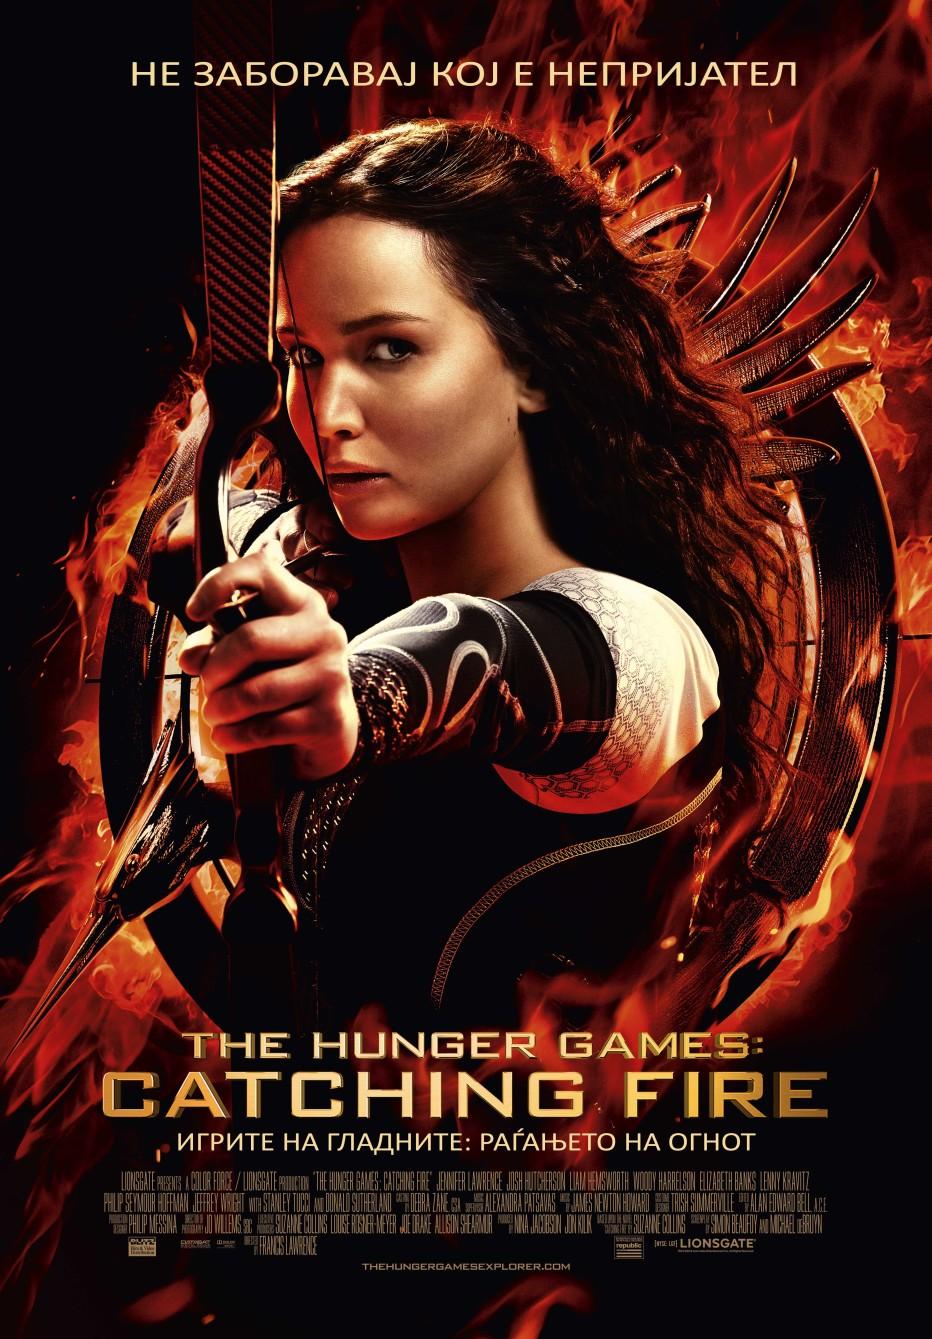 Игрите на гладните: Раѓањето на огнот The Hunger Games: Catching Fire